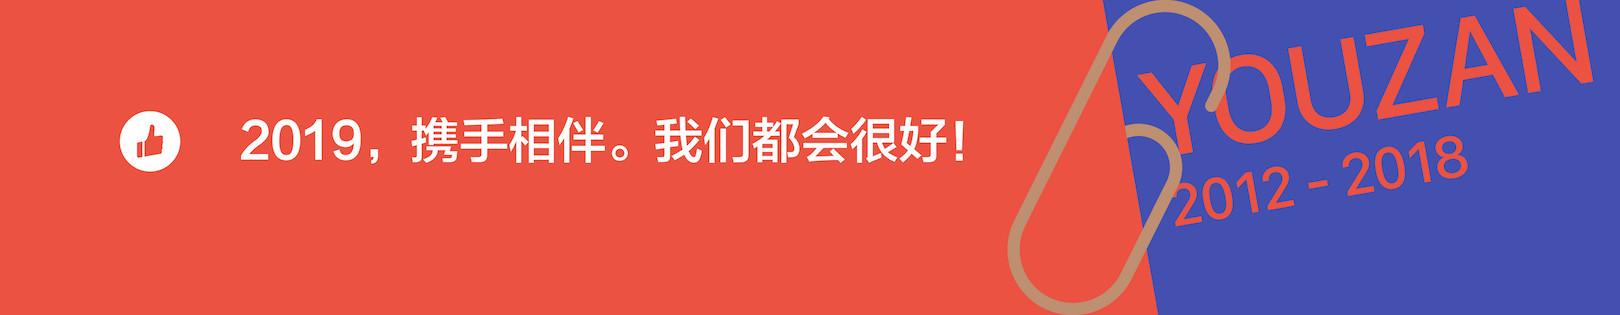 20181127 有赞六周年 - 公开版.171.jpeg